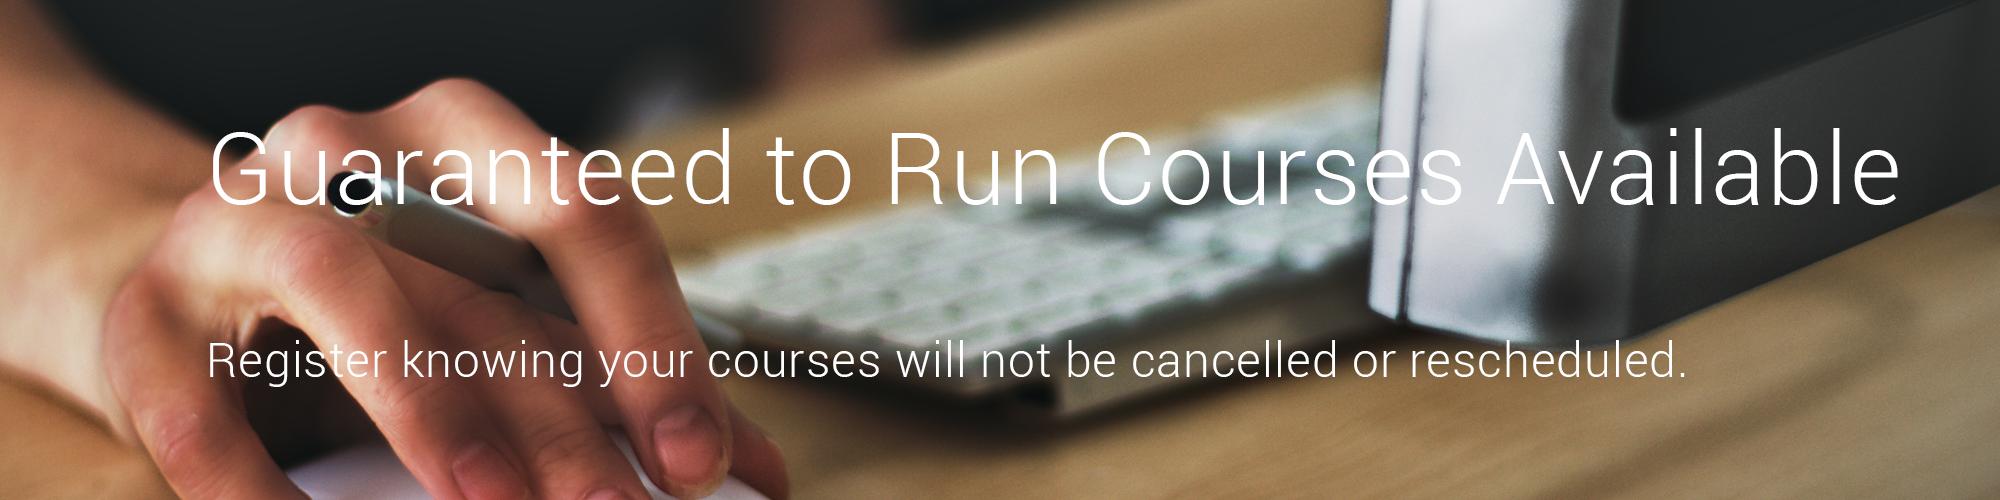 Guaranteed to run courses